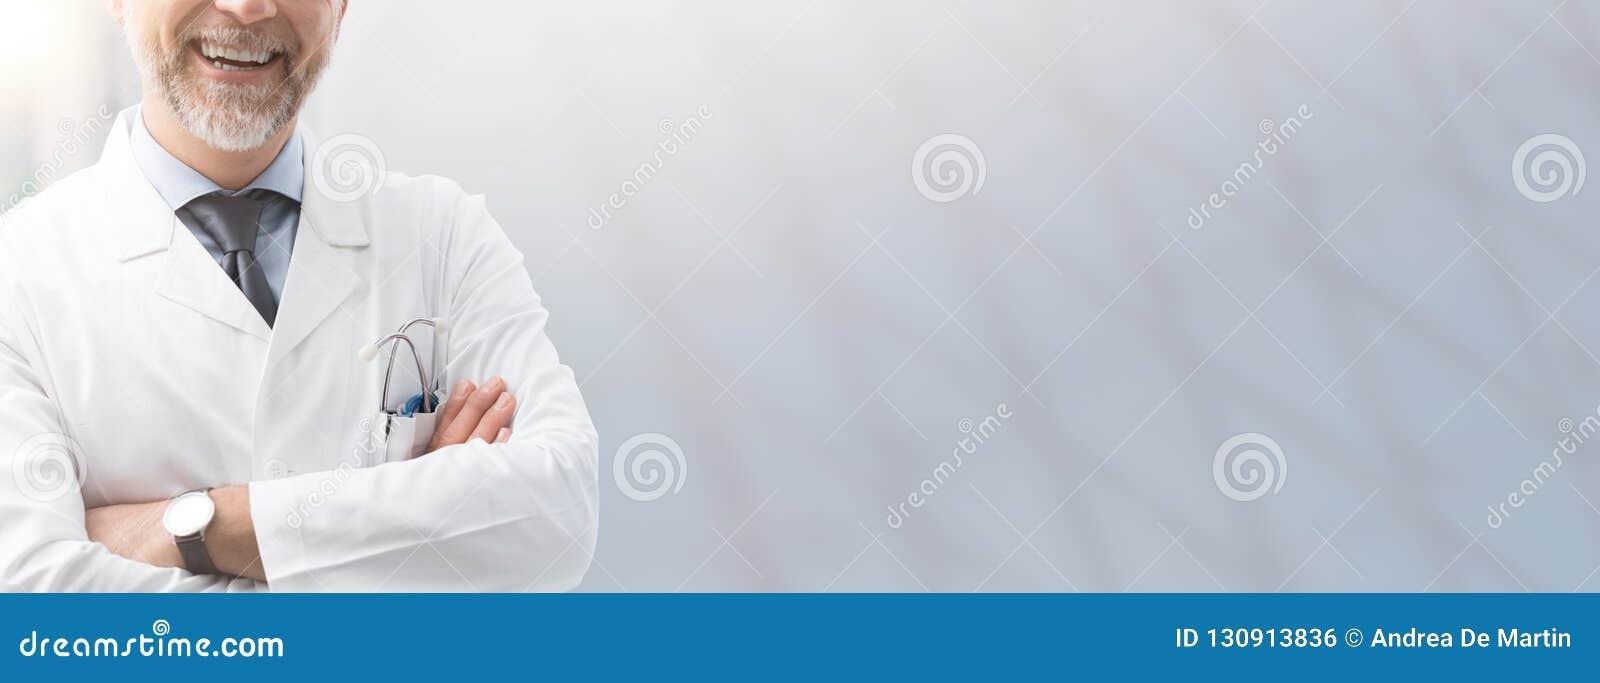 Opieki zdrowotnej i ubezpieczenia zdrowotnego sztandar